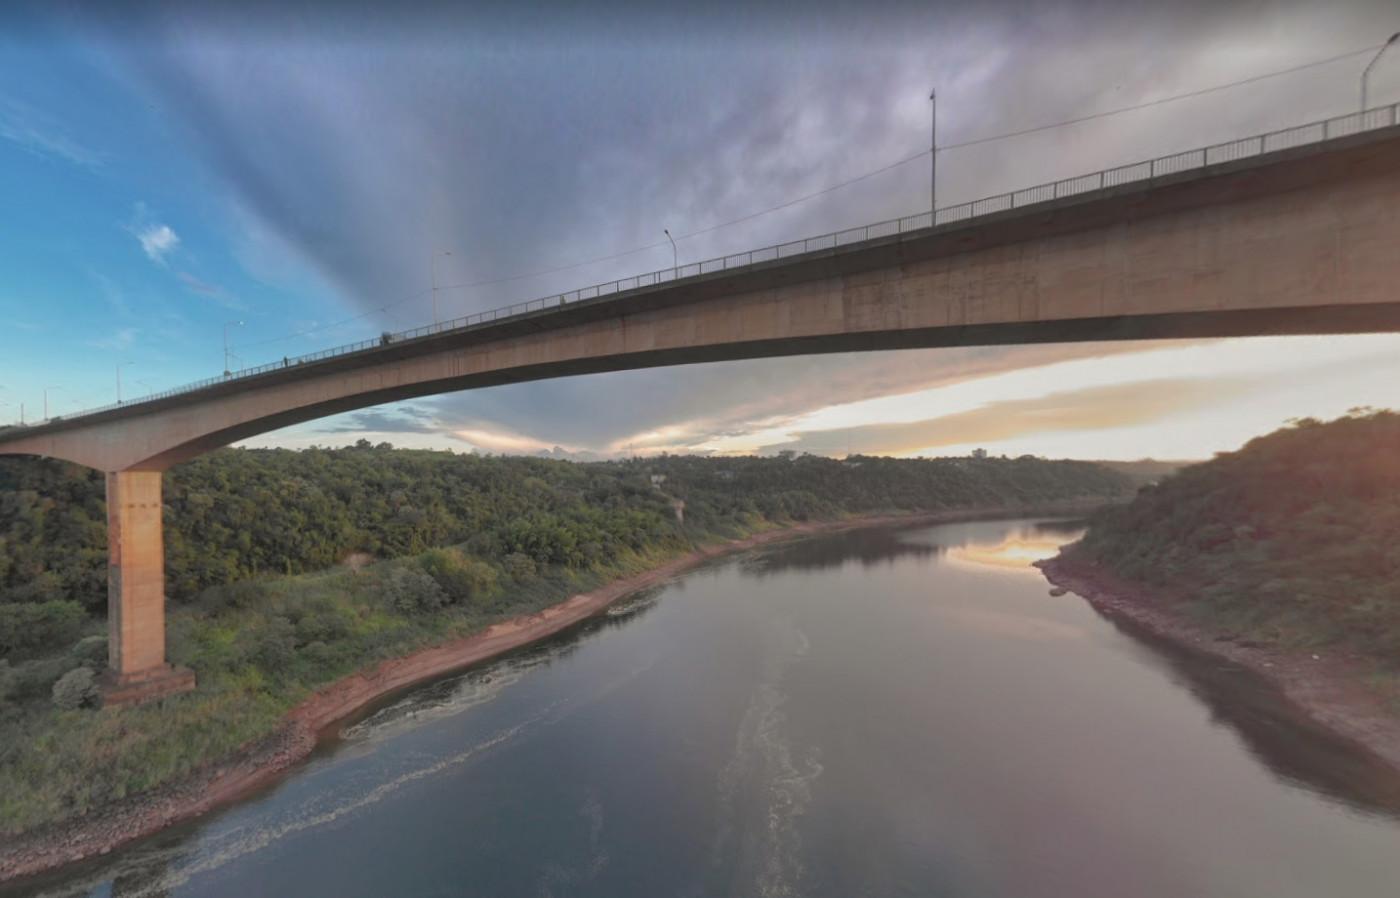 ponte que faz fronteira do brasil com a argentina